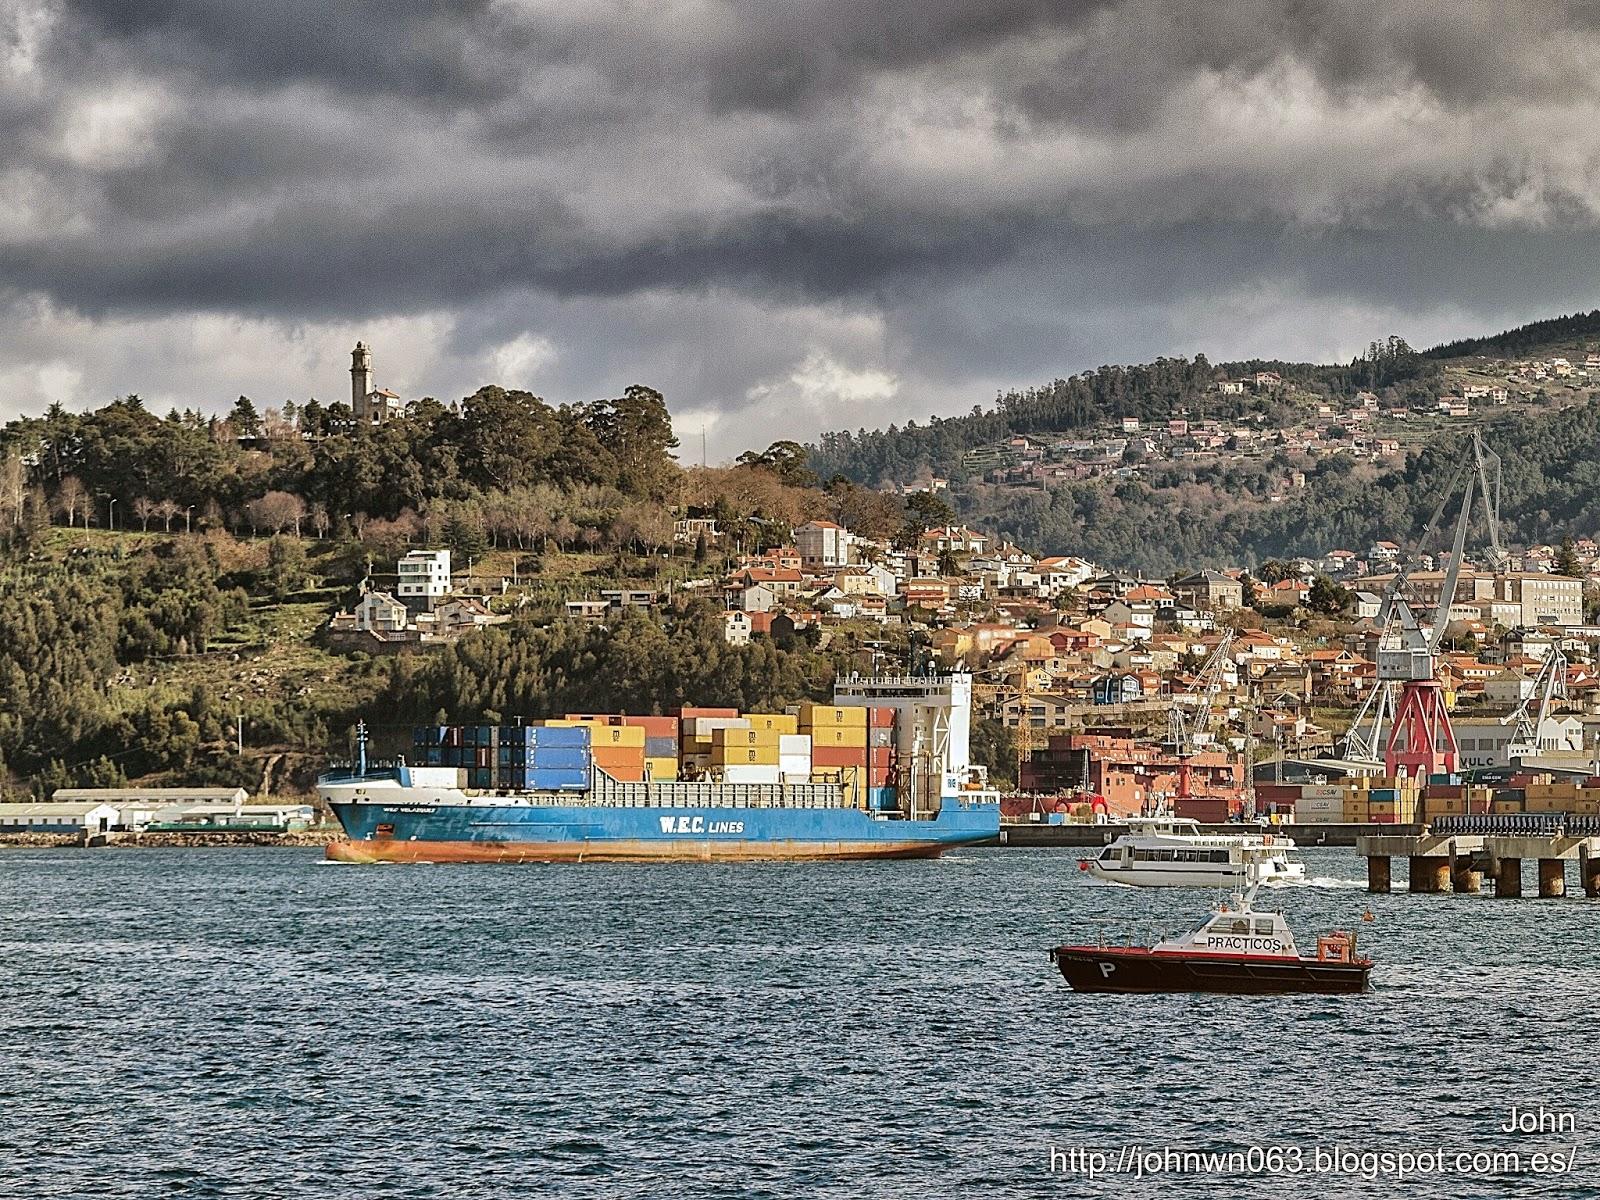 fotos de barcos, imagenes de barcos, wec velazquez, wec lines, vigo, container ship